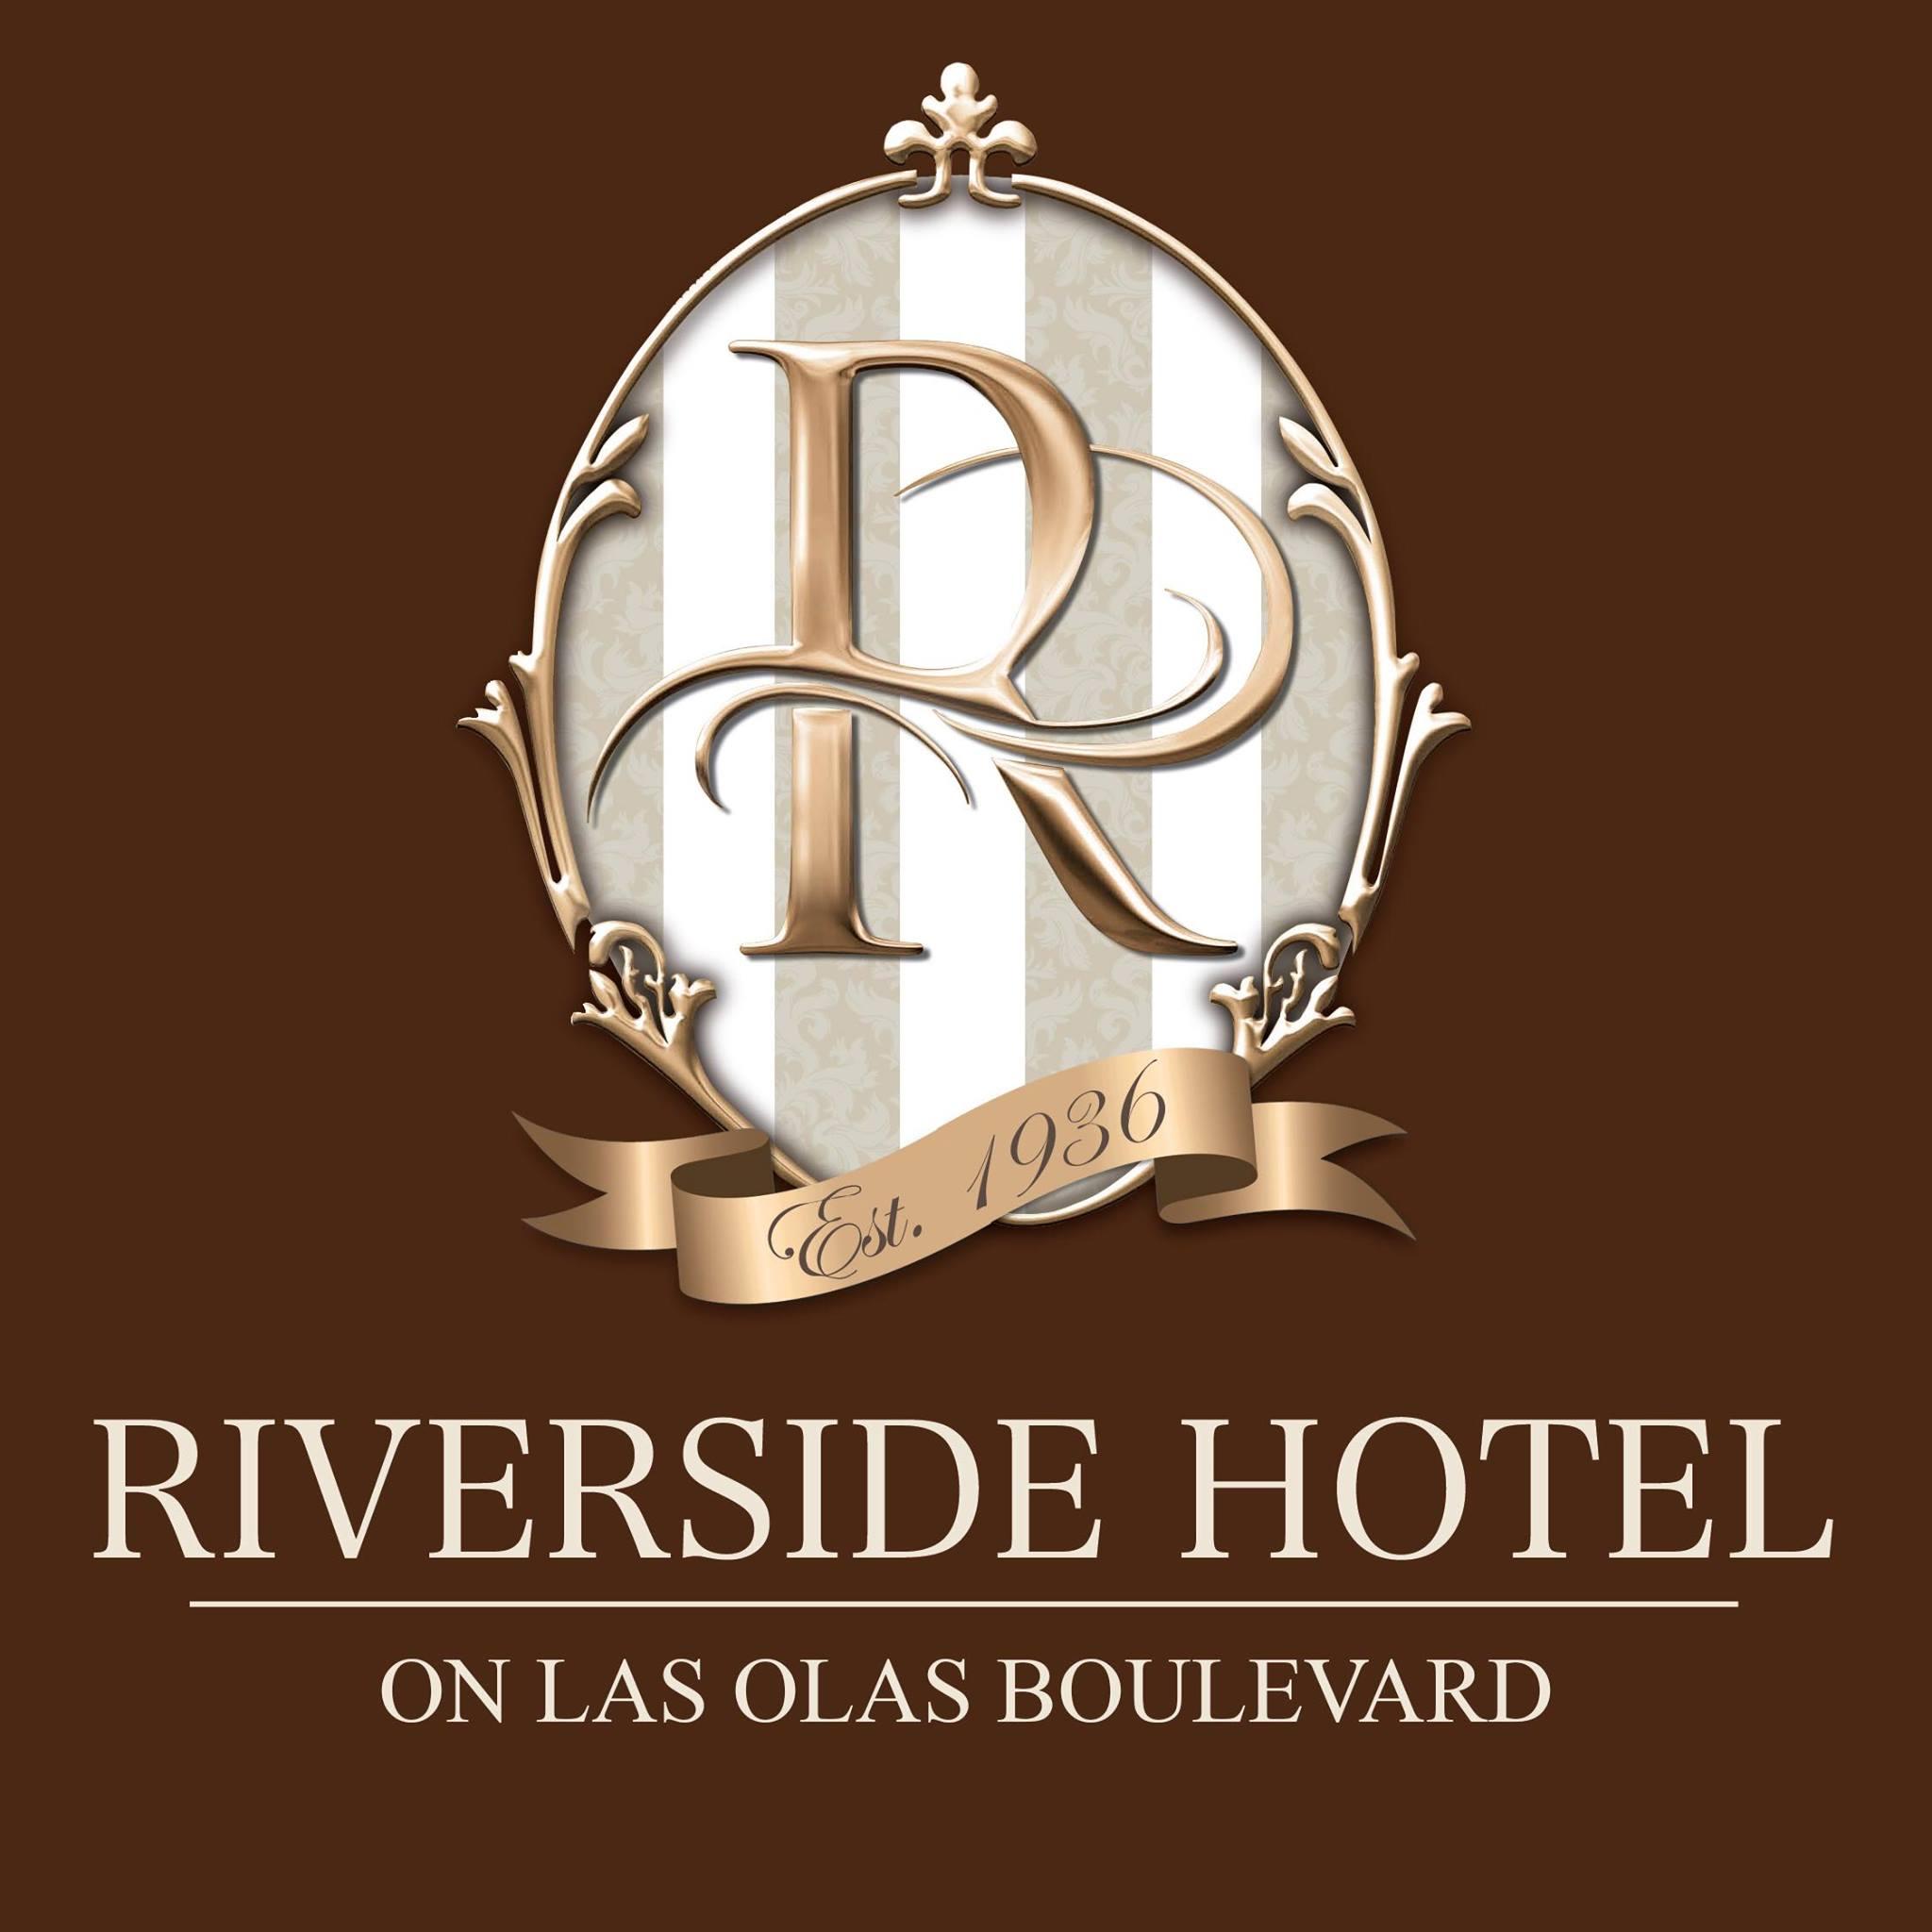 Riverside Hotel Bar Fort Lauderdale Fort Lauderdale